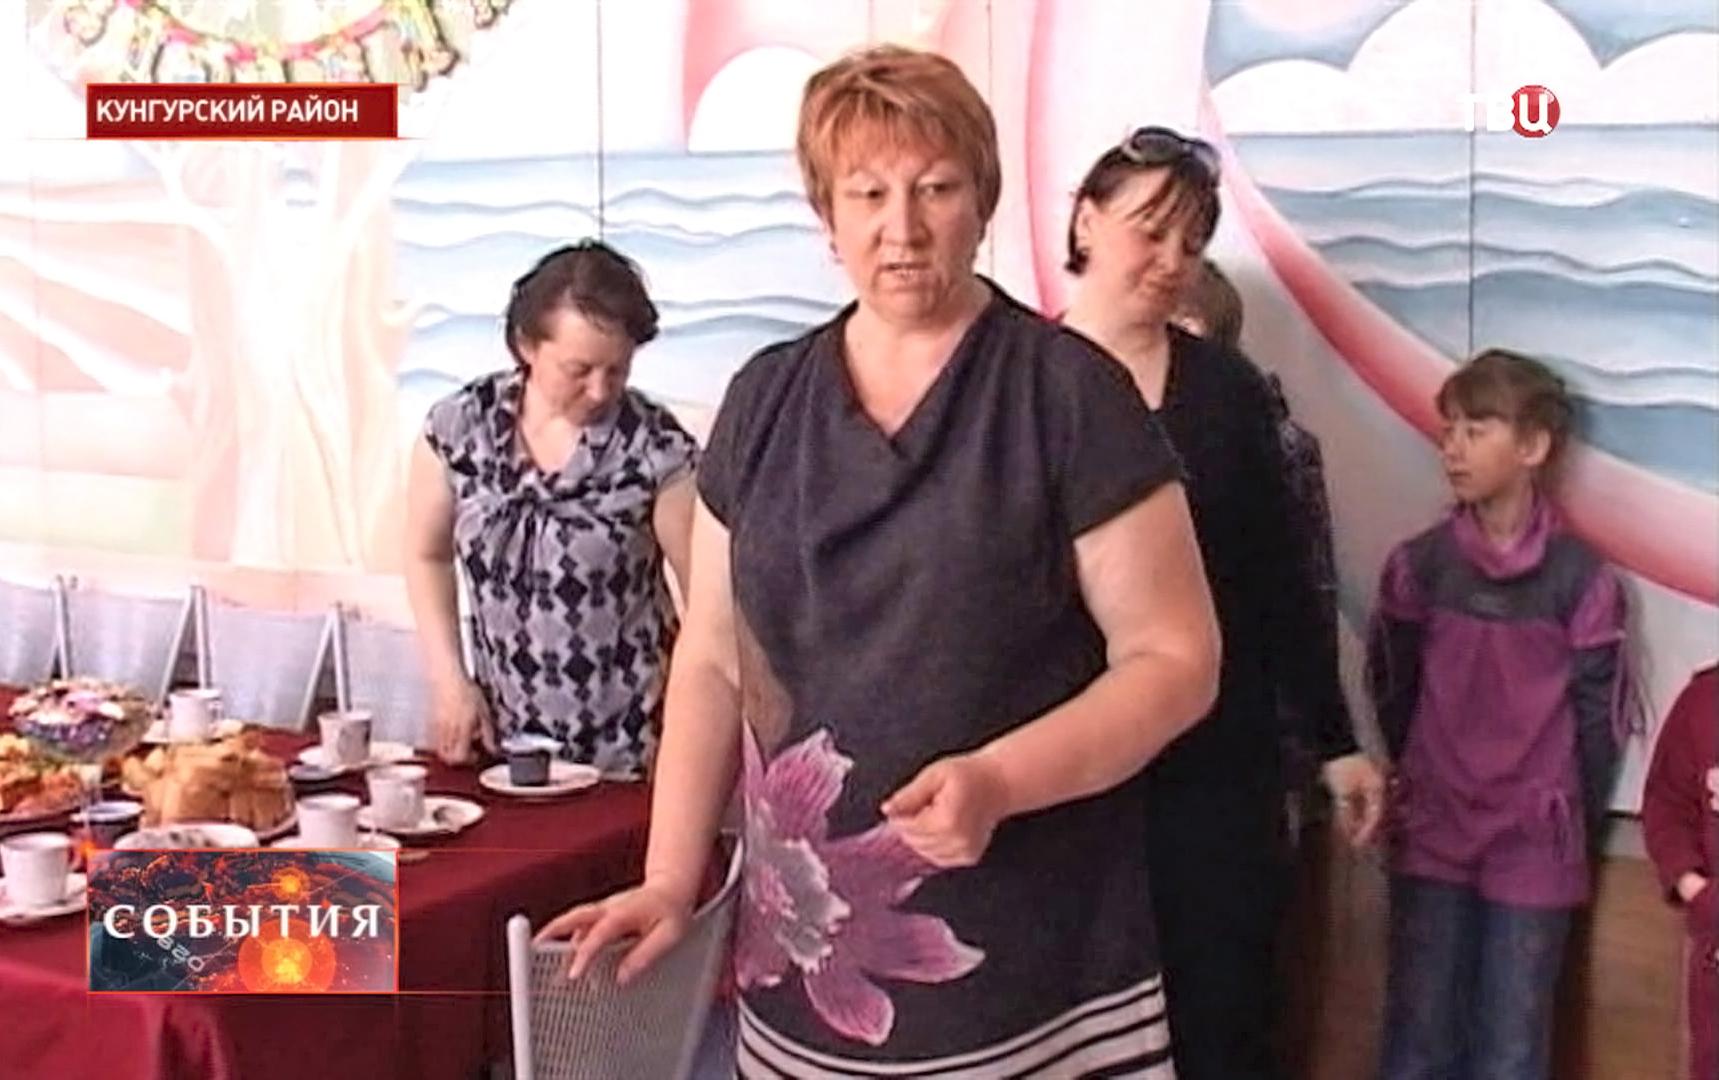 Светлана - директор Дома культуры